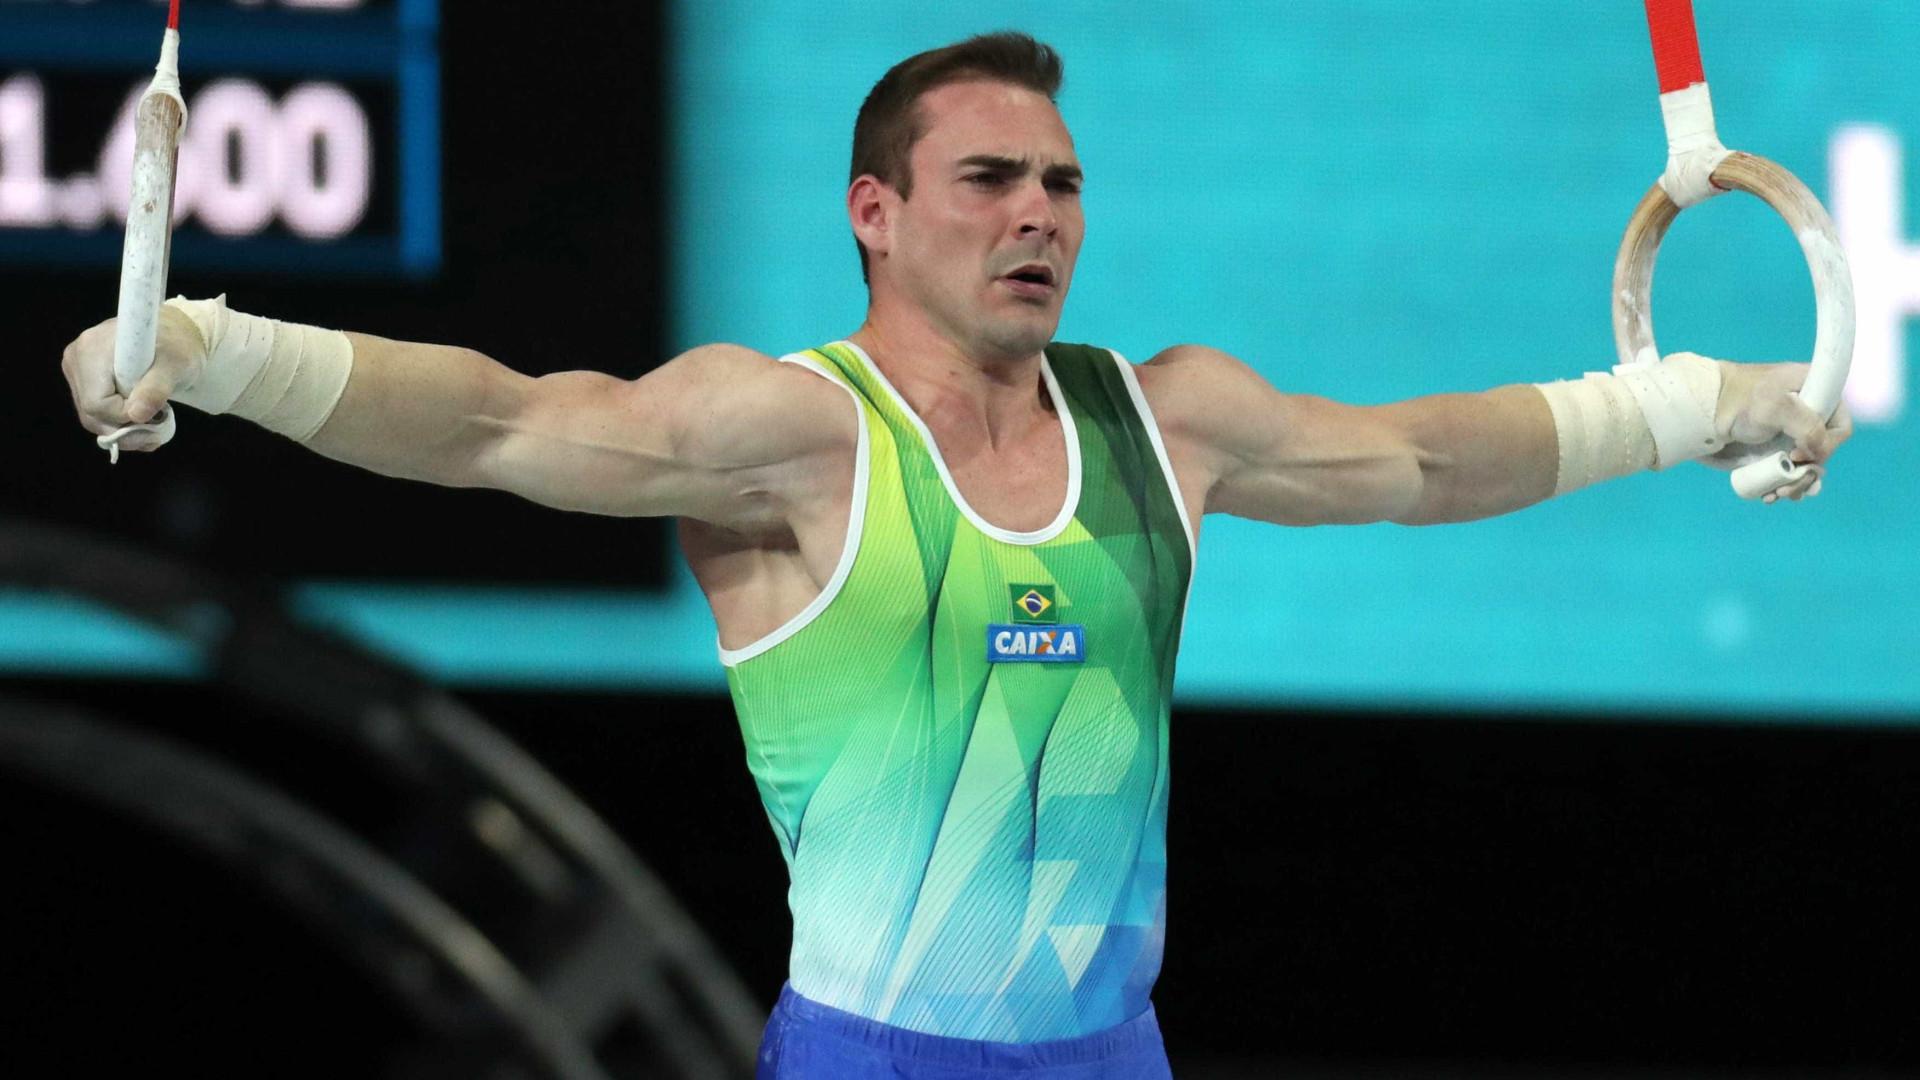 Zanetti busca se tornar primeiro ginasta do mundo com 3 medalhas nas argolas